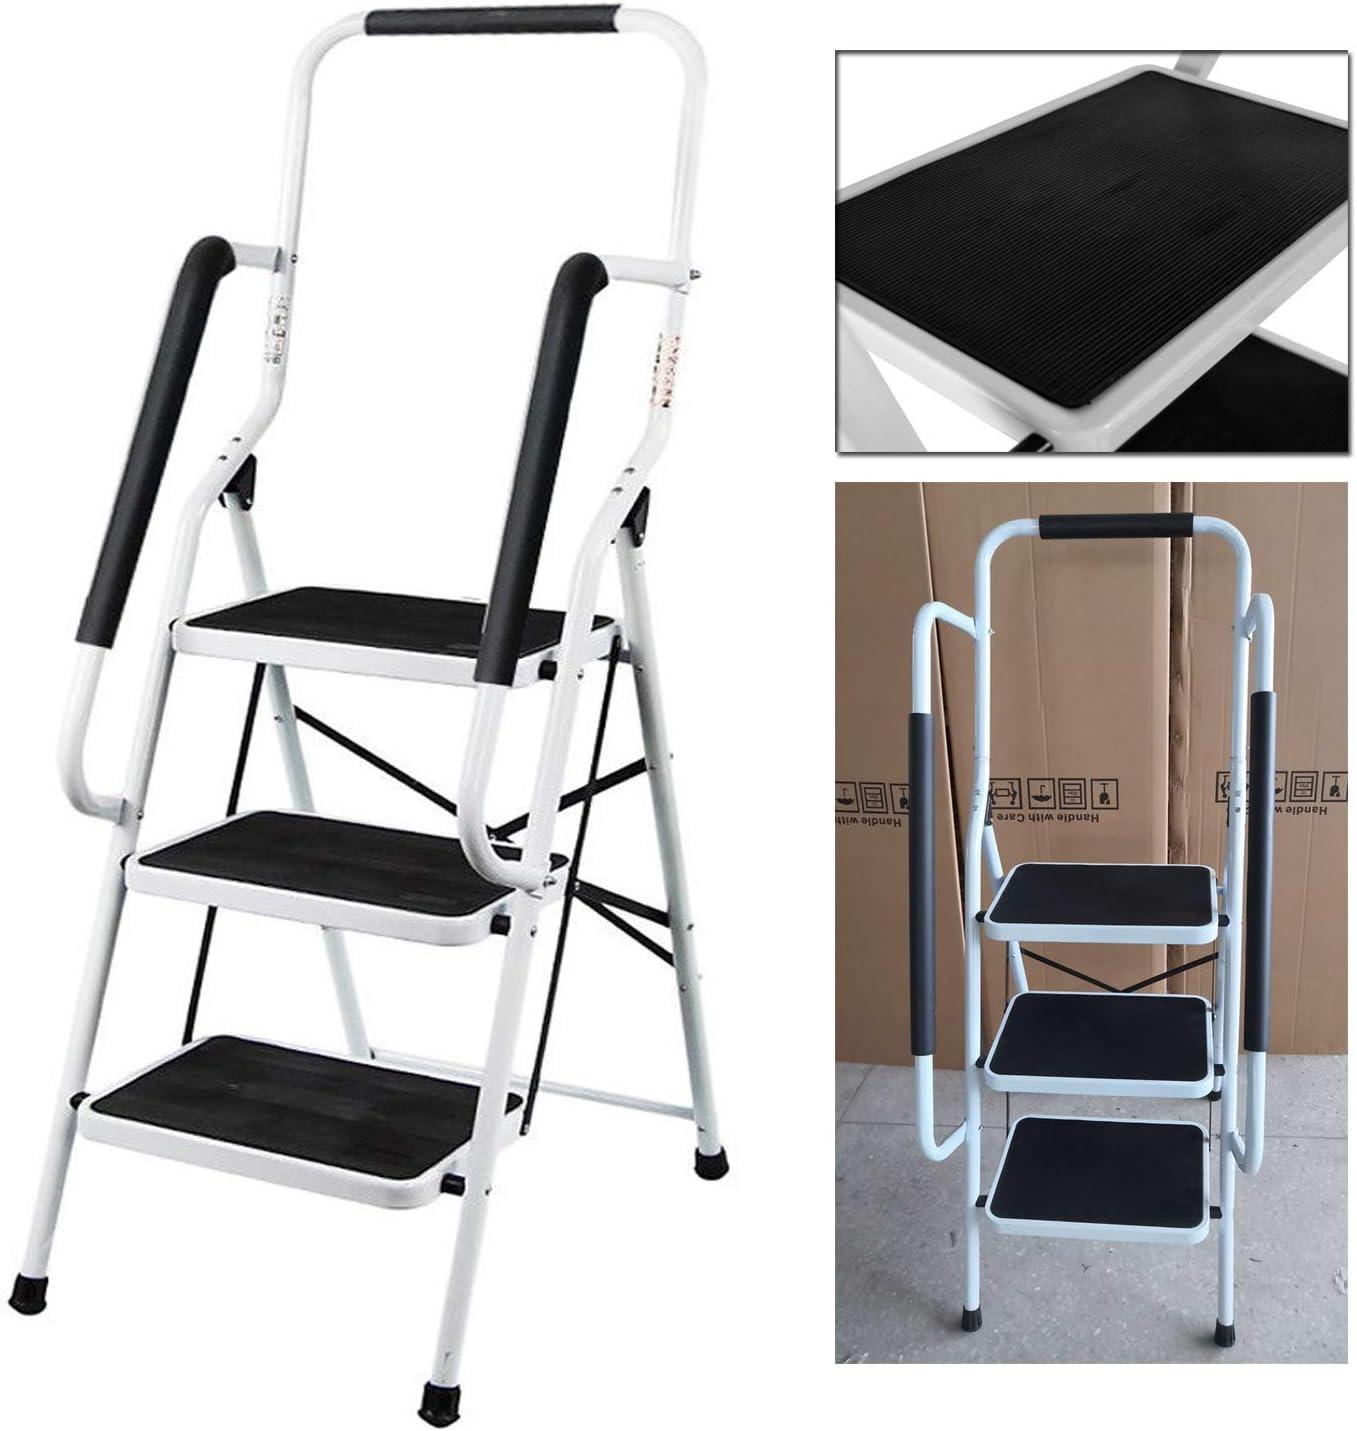 Escalera de acero de 3 peldaños, portátil, plegable, resistente, antideslizante, con barra de seguridad, capacidad de carga de 150 kg: Amazon.es: Bricolaje y herramientas